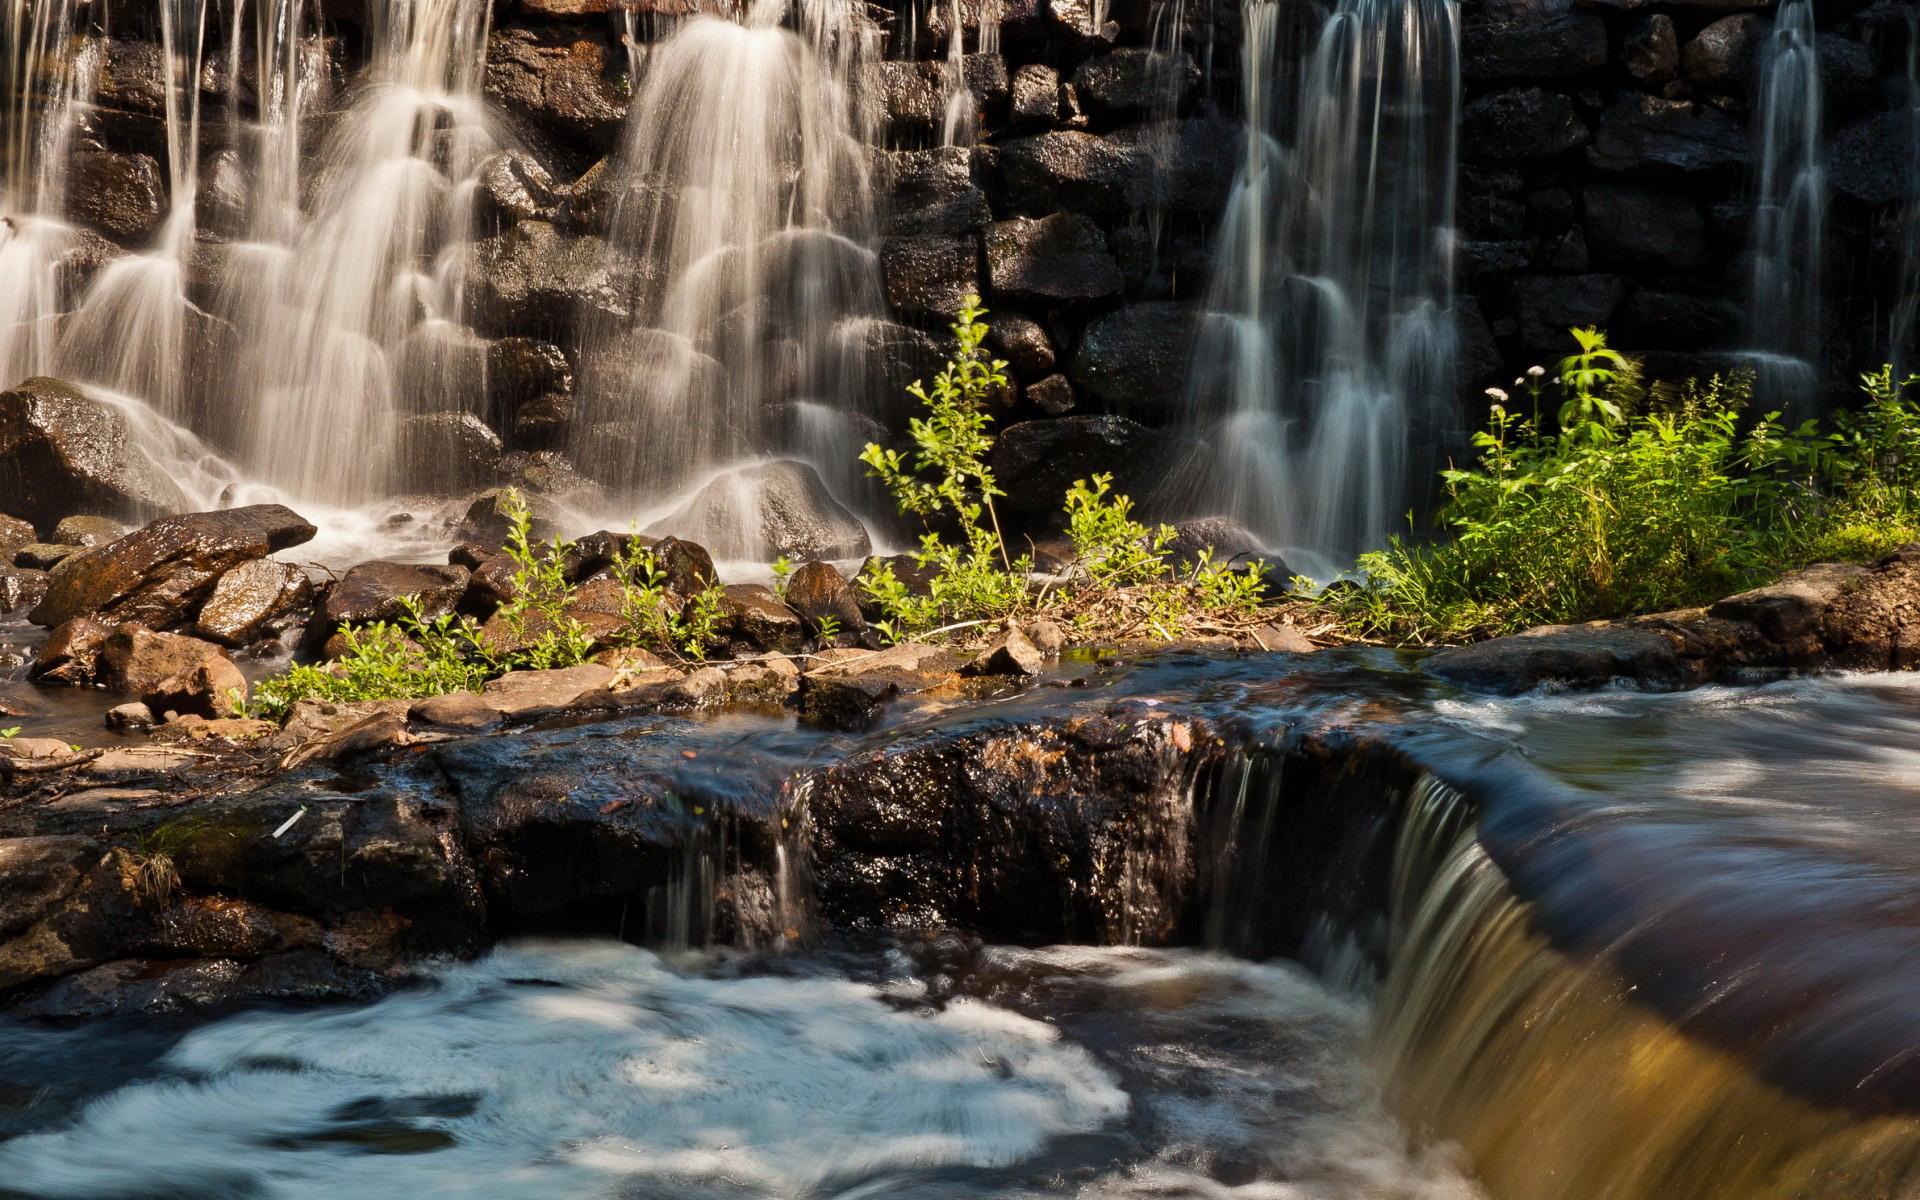 красивые фото водопадов на рабочий стол материалы очень долговечны